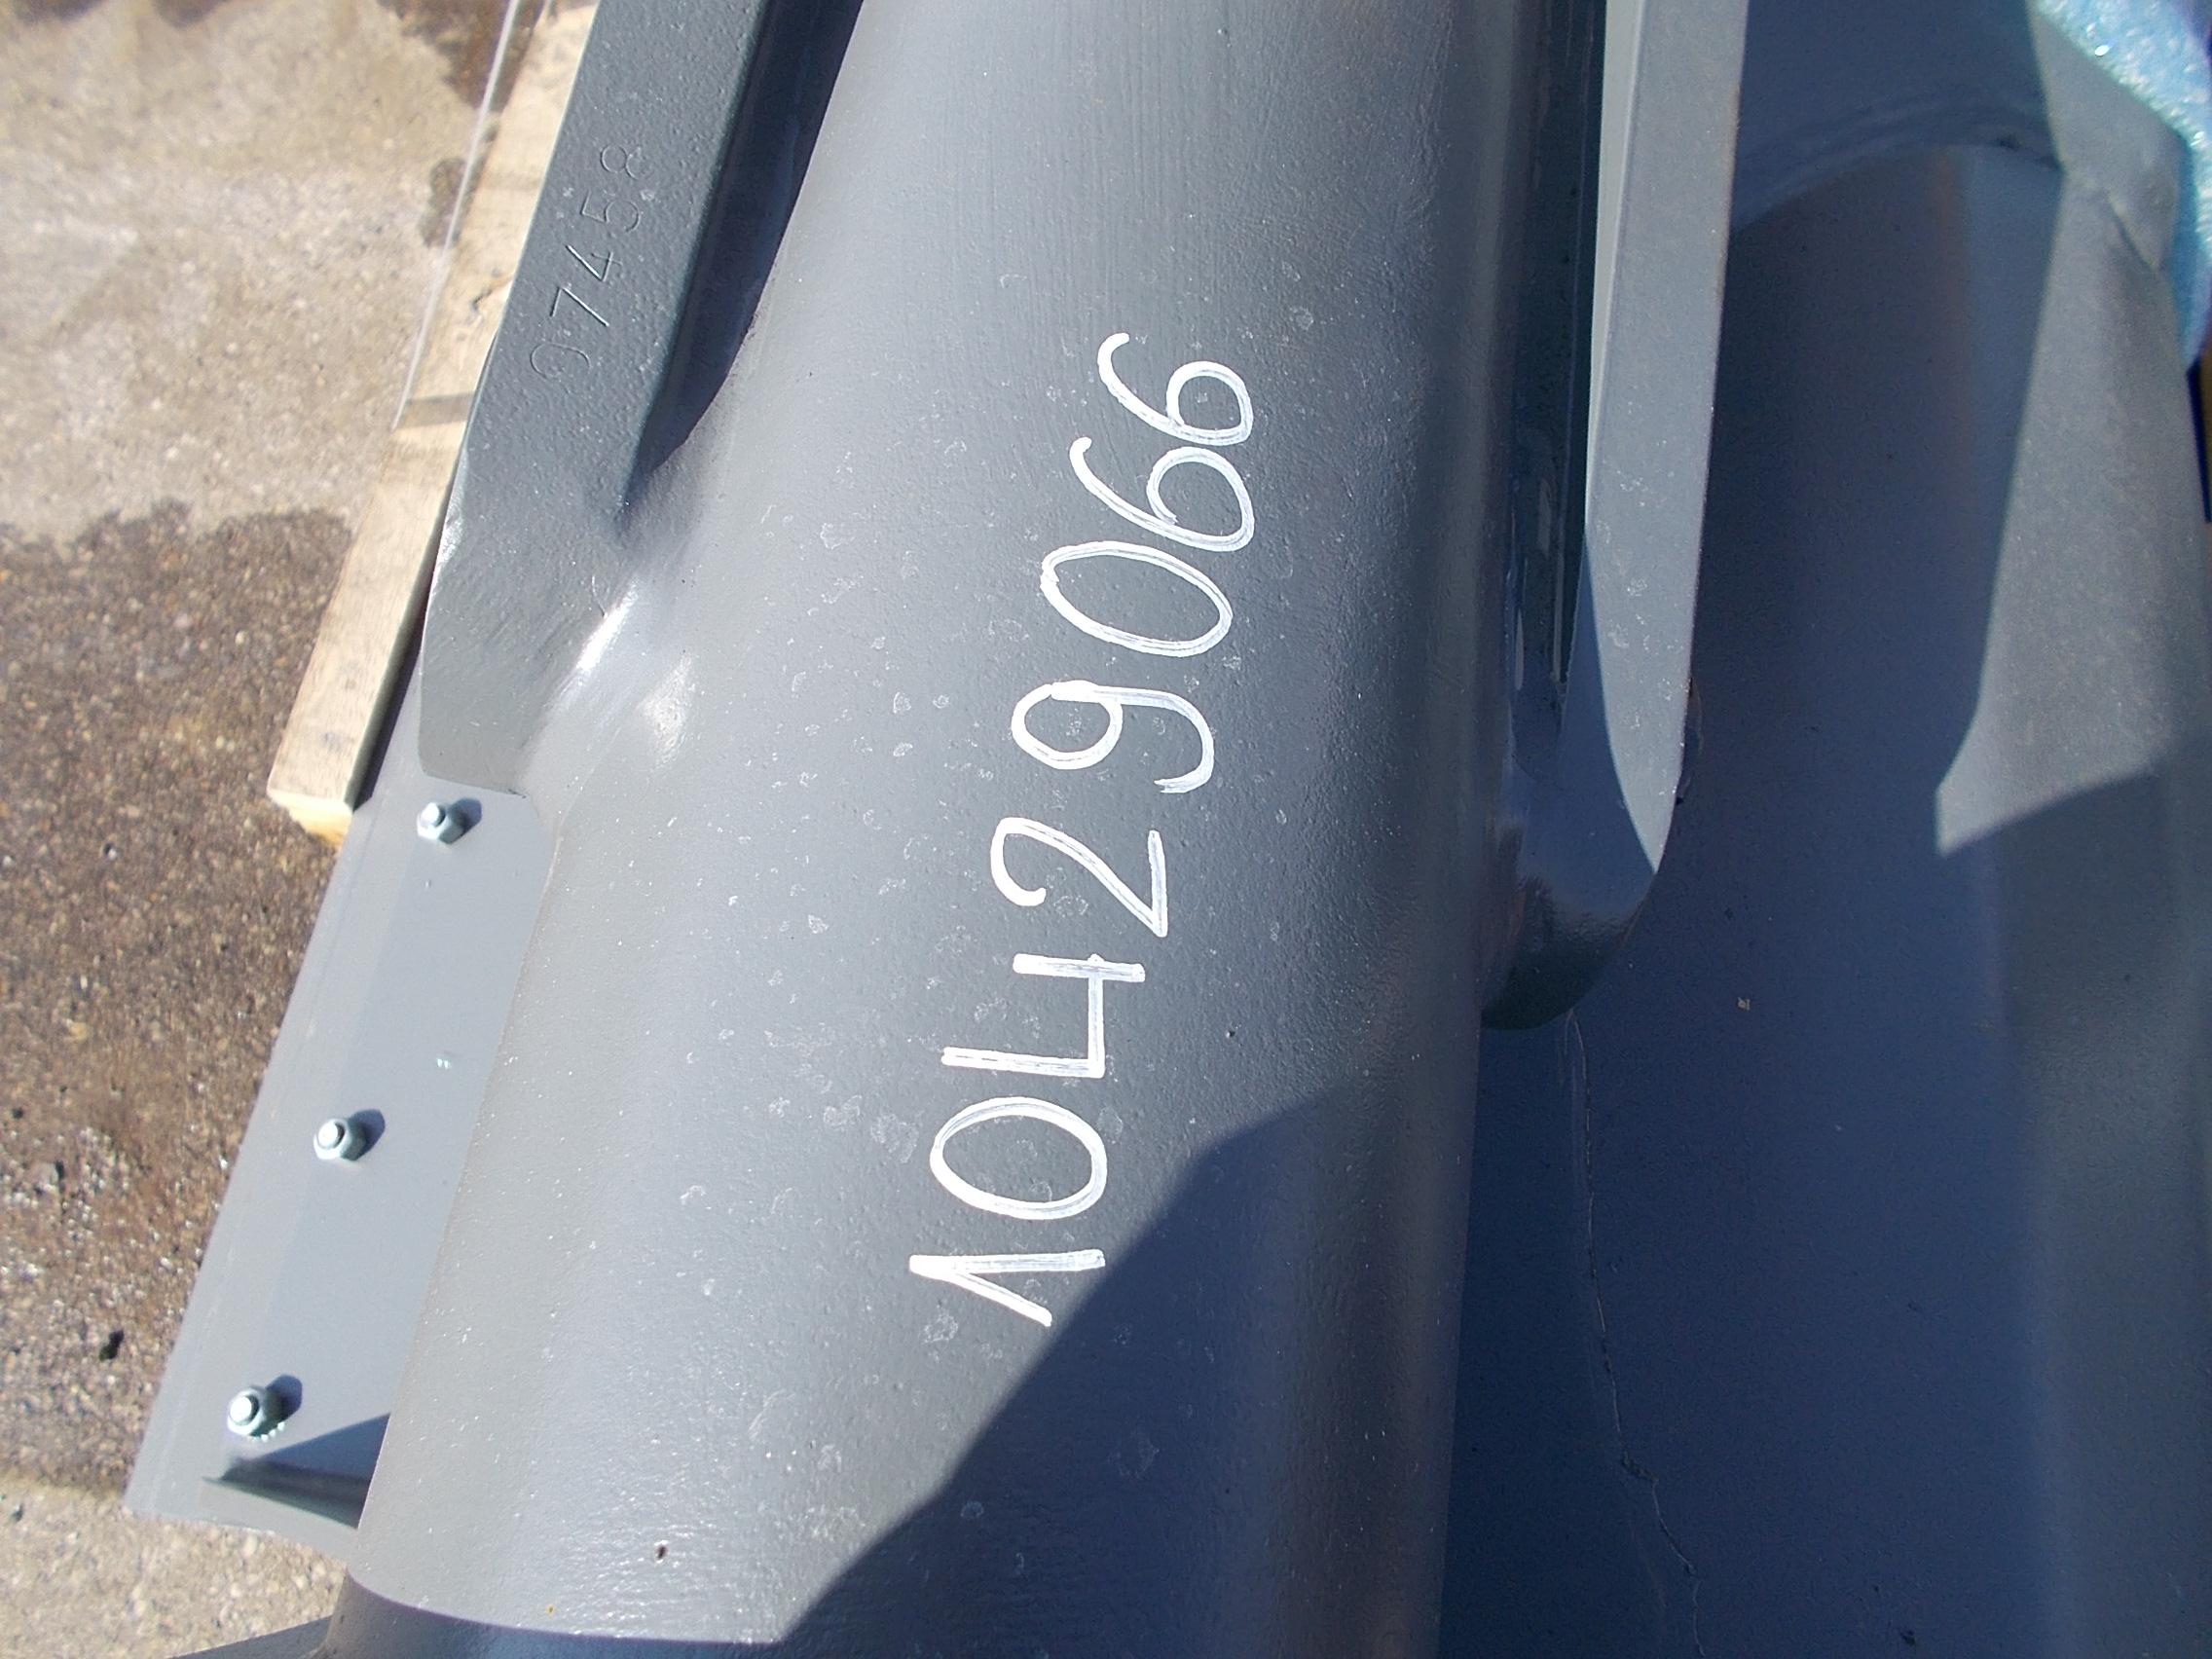 DSCN8355.JPG